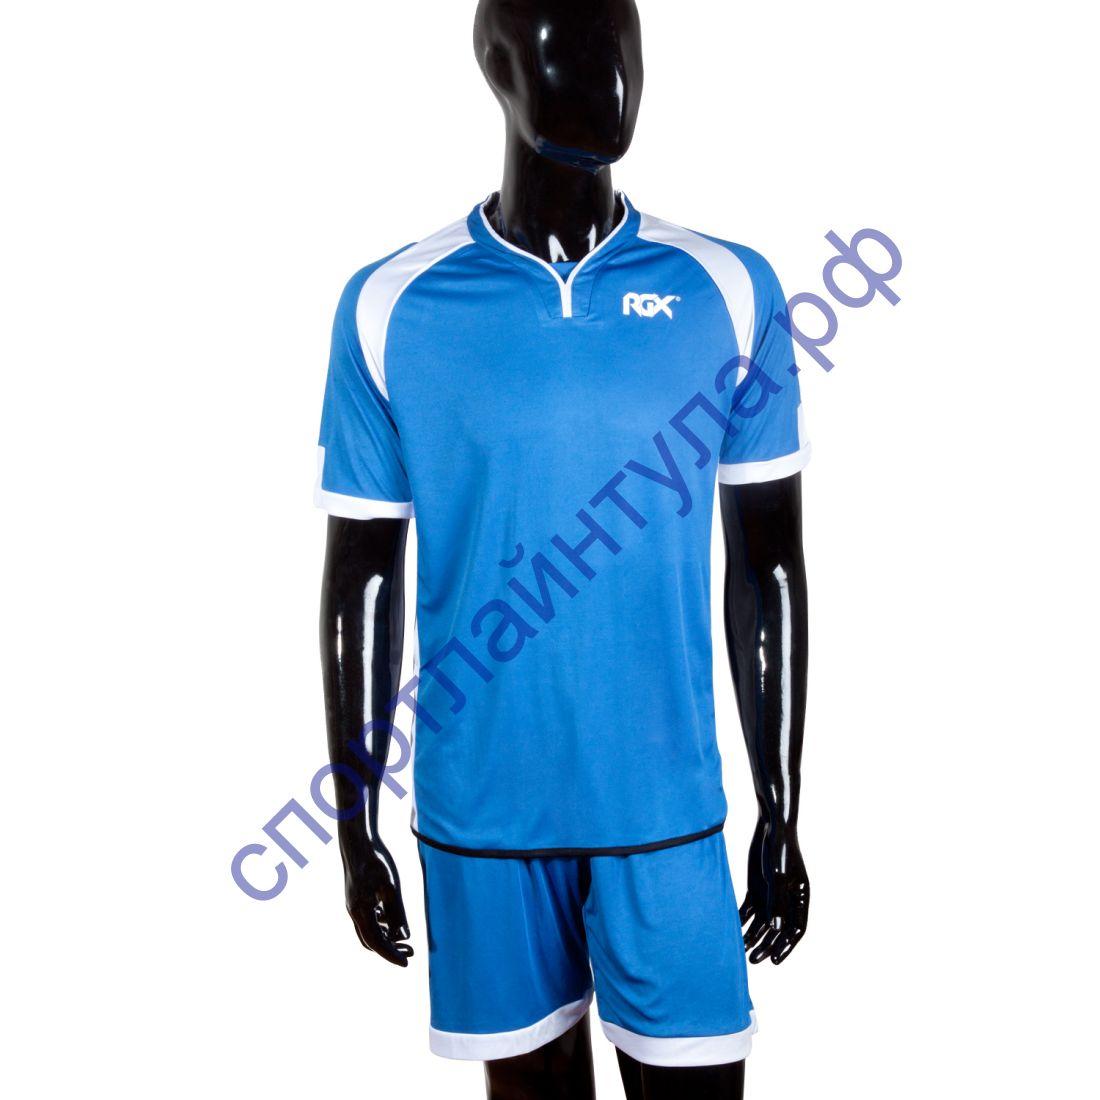 Футбольная форма RGX-FBF02JR Blue/White